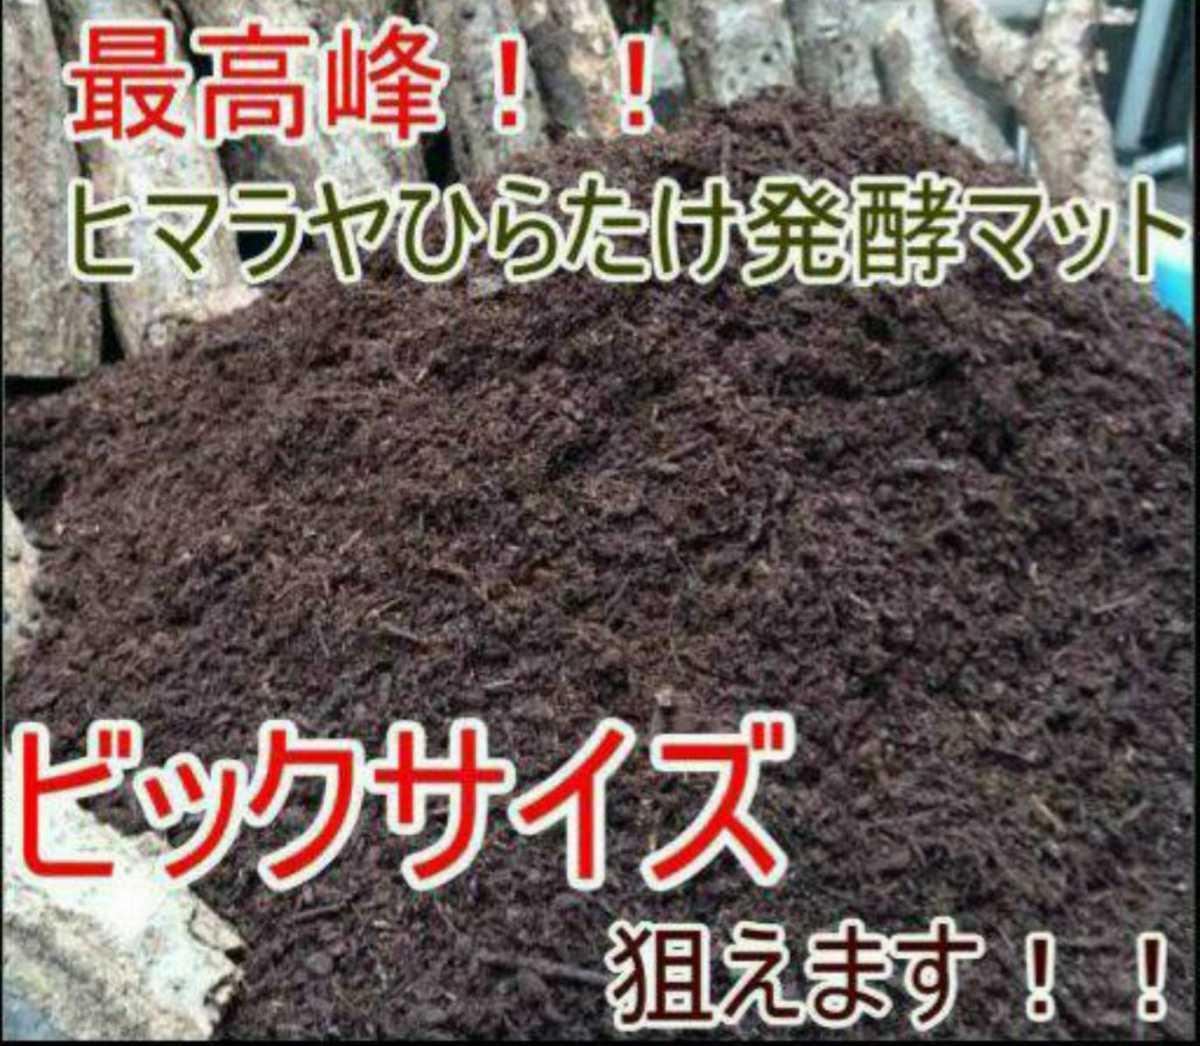 ヒマラヤひらたけ発酵マット☆カブトムシ・クワガタの幼虫の餌、産卵マットに!栄養価抜群なのでビッグサイズ狙えます!クヌギ100%原料_画像2